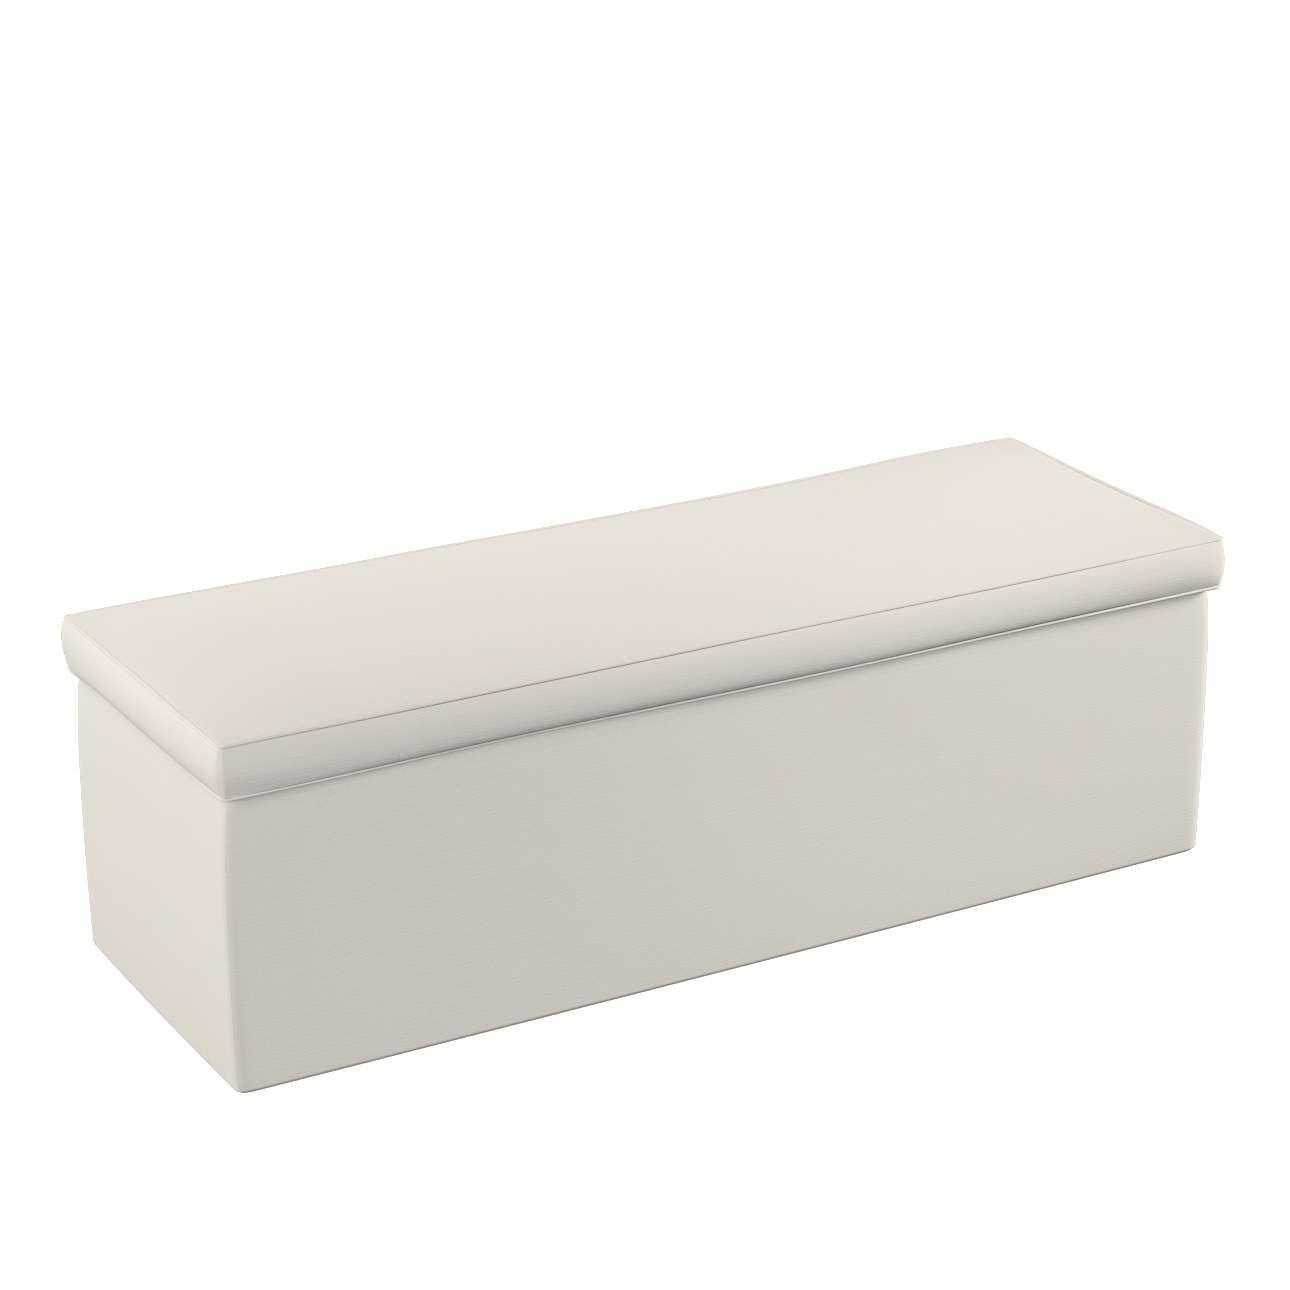 Dežė/skrynia/daiktadėžė 90 x 40 x 40 cm kolekcijoje Cotton Panama, audinys: 702-31